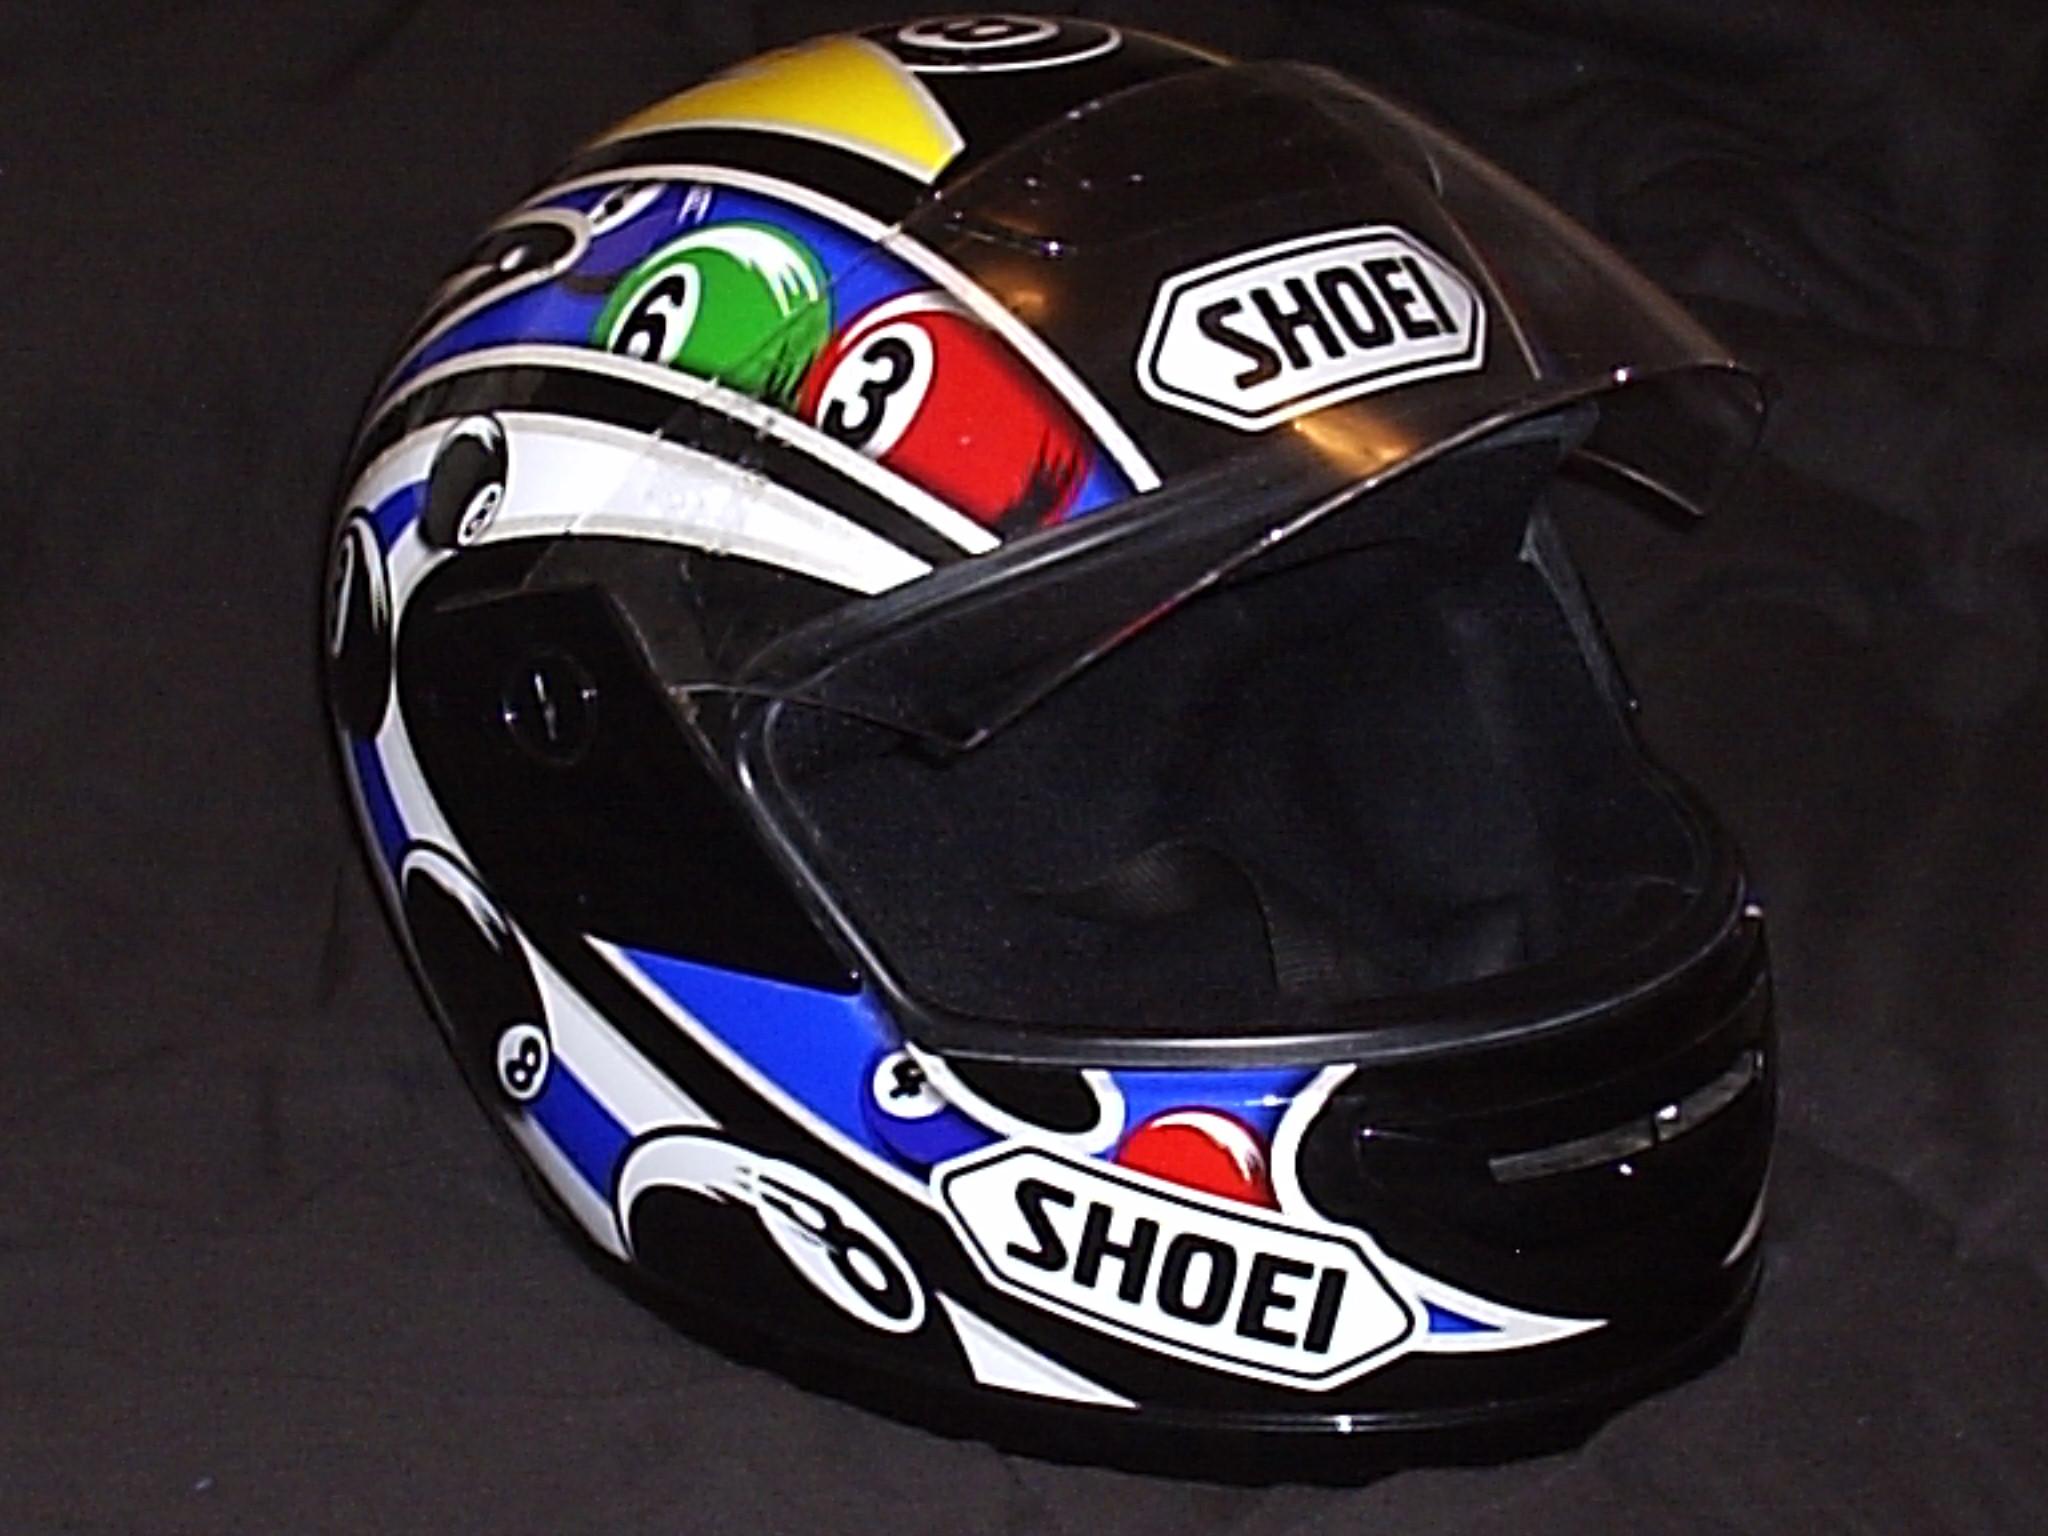 Shoei helmets for sale